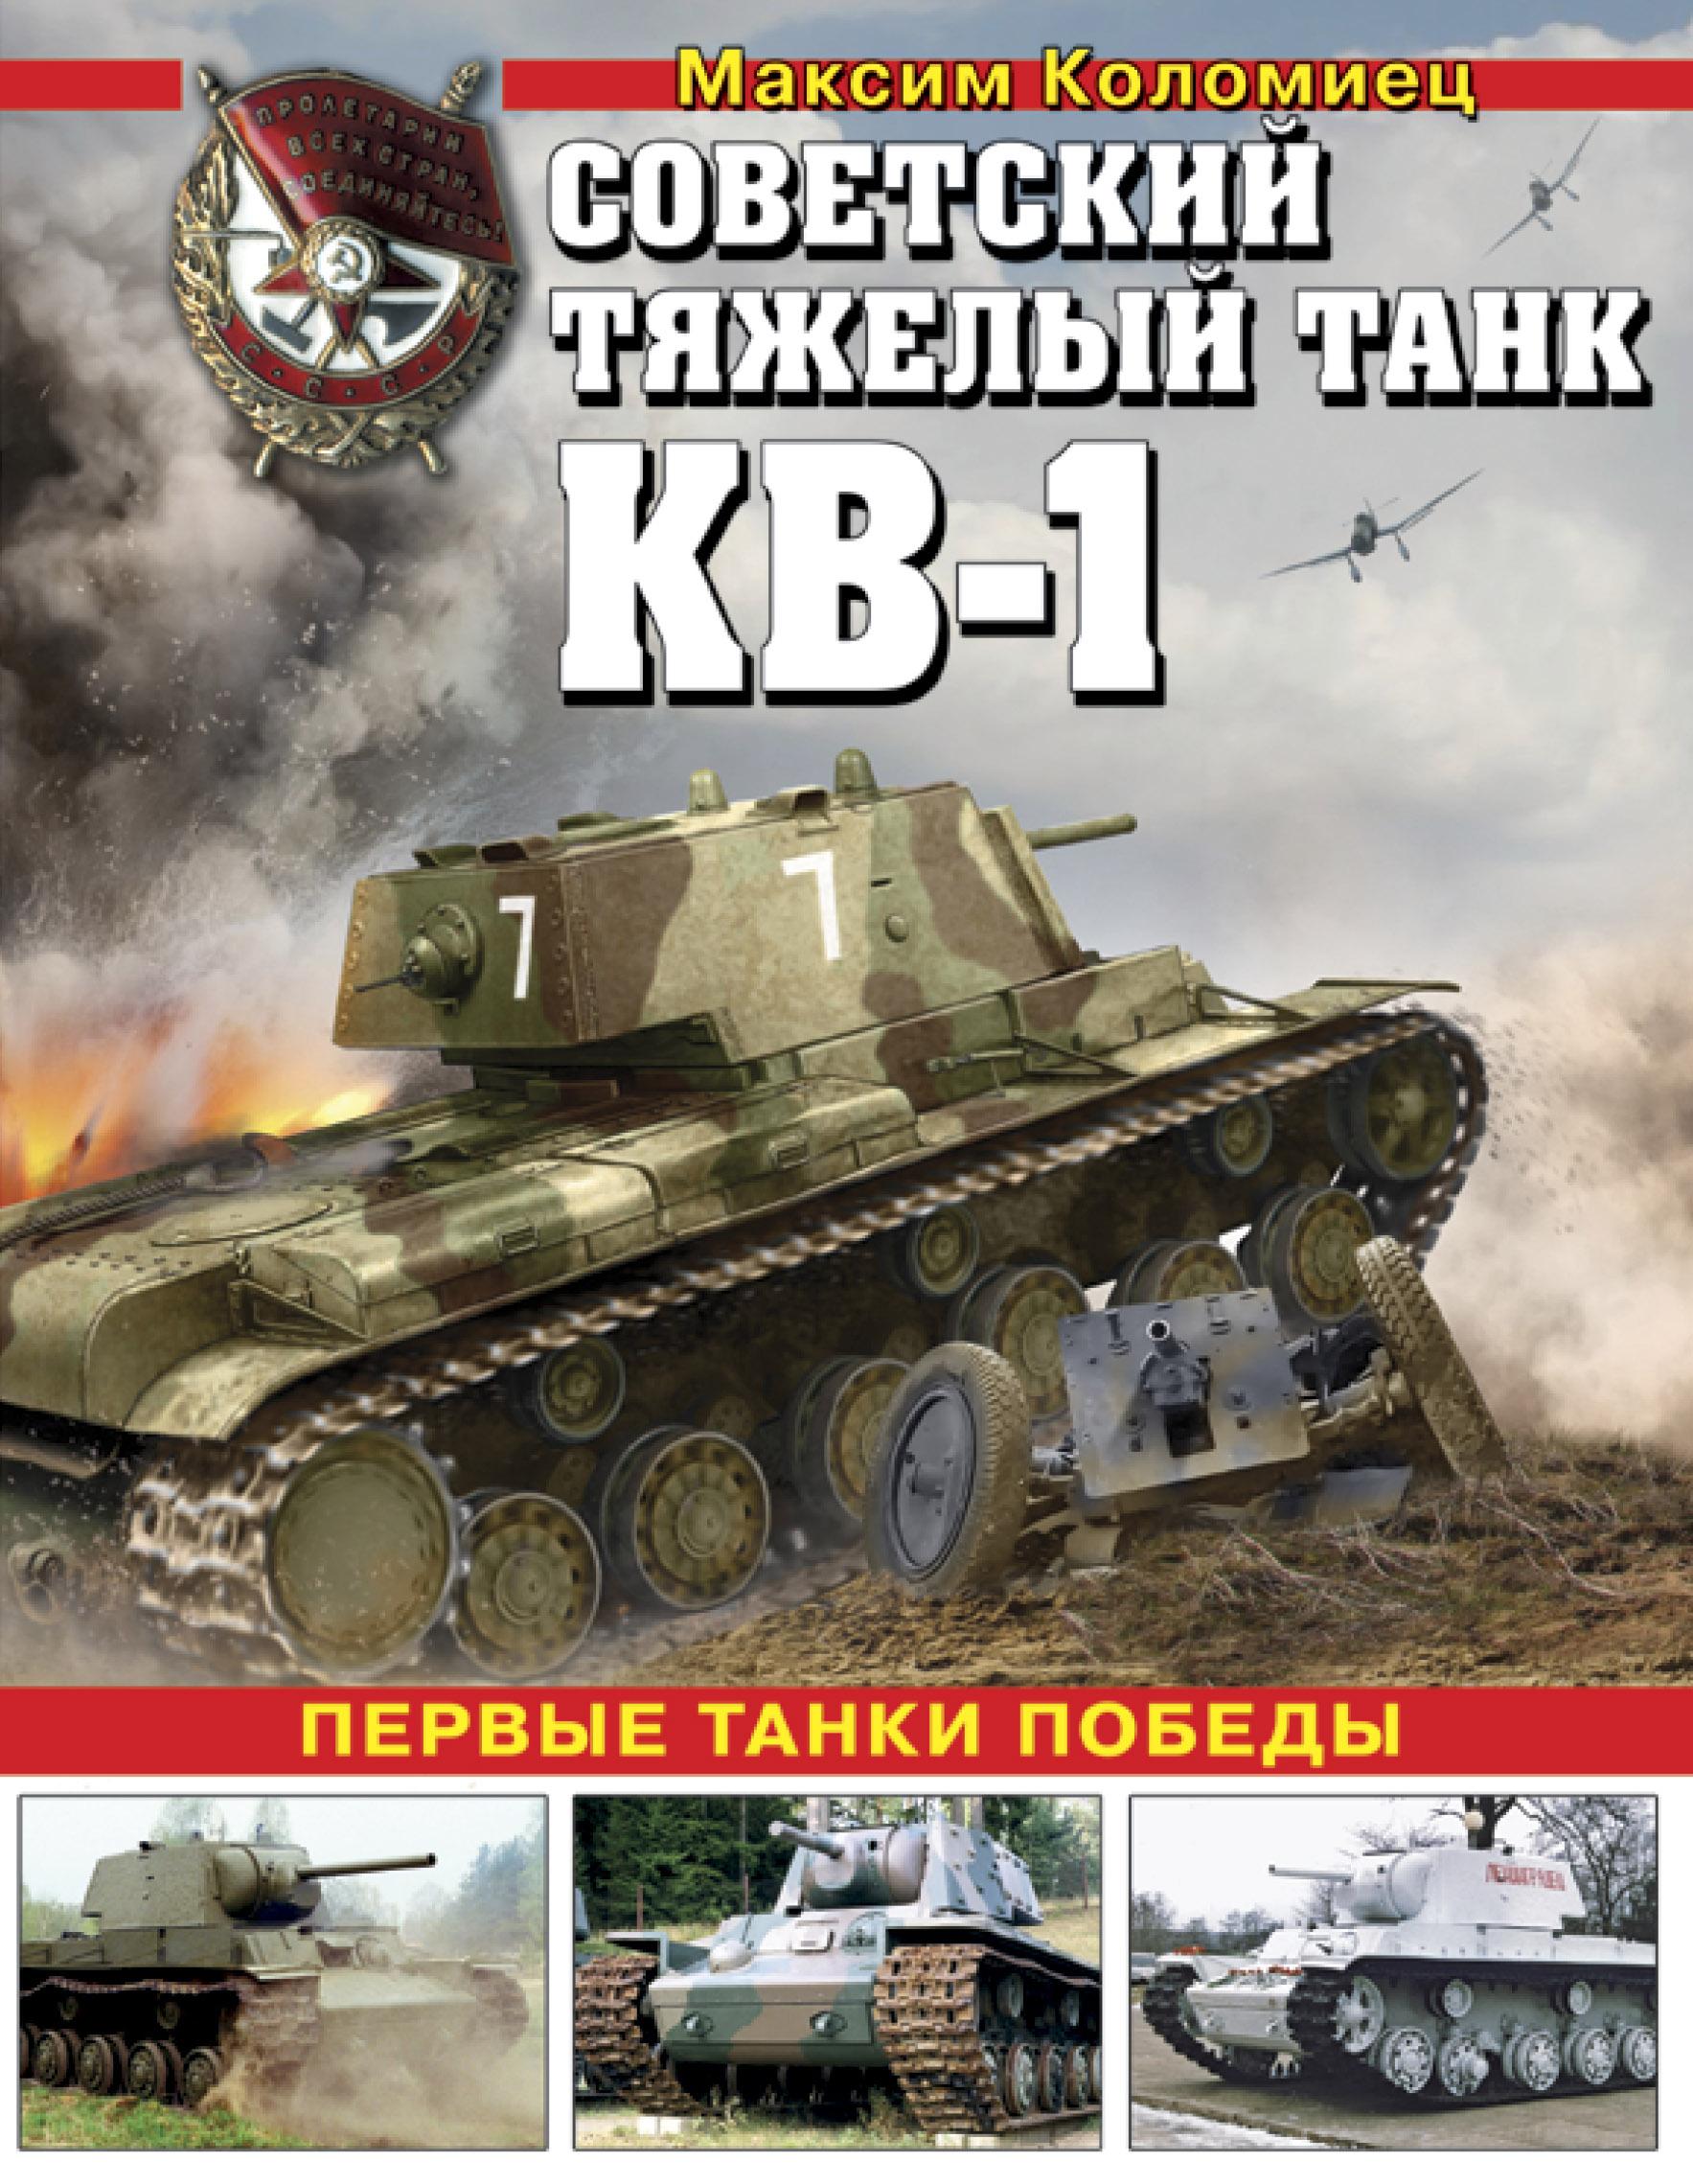 Коломиец Максим В. Советский тяжелый танк КВ-1. Первые танки Победы